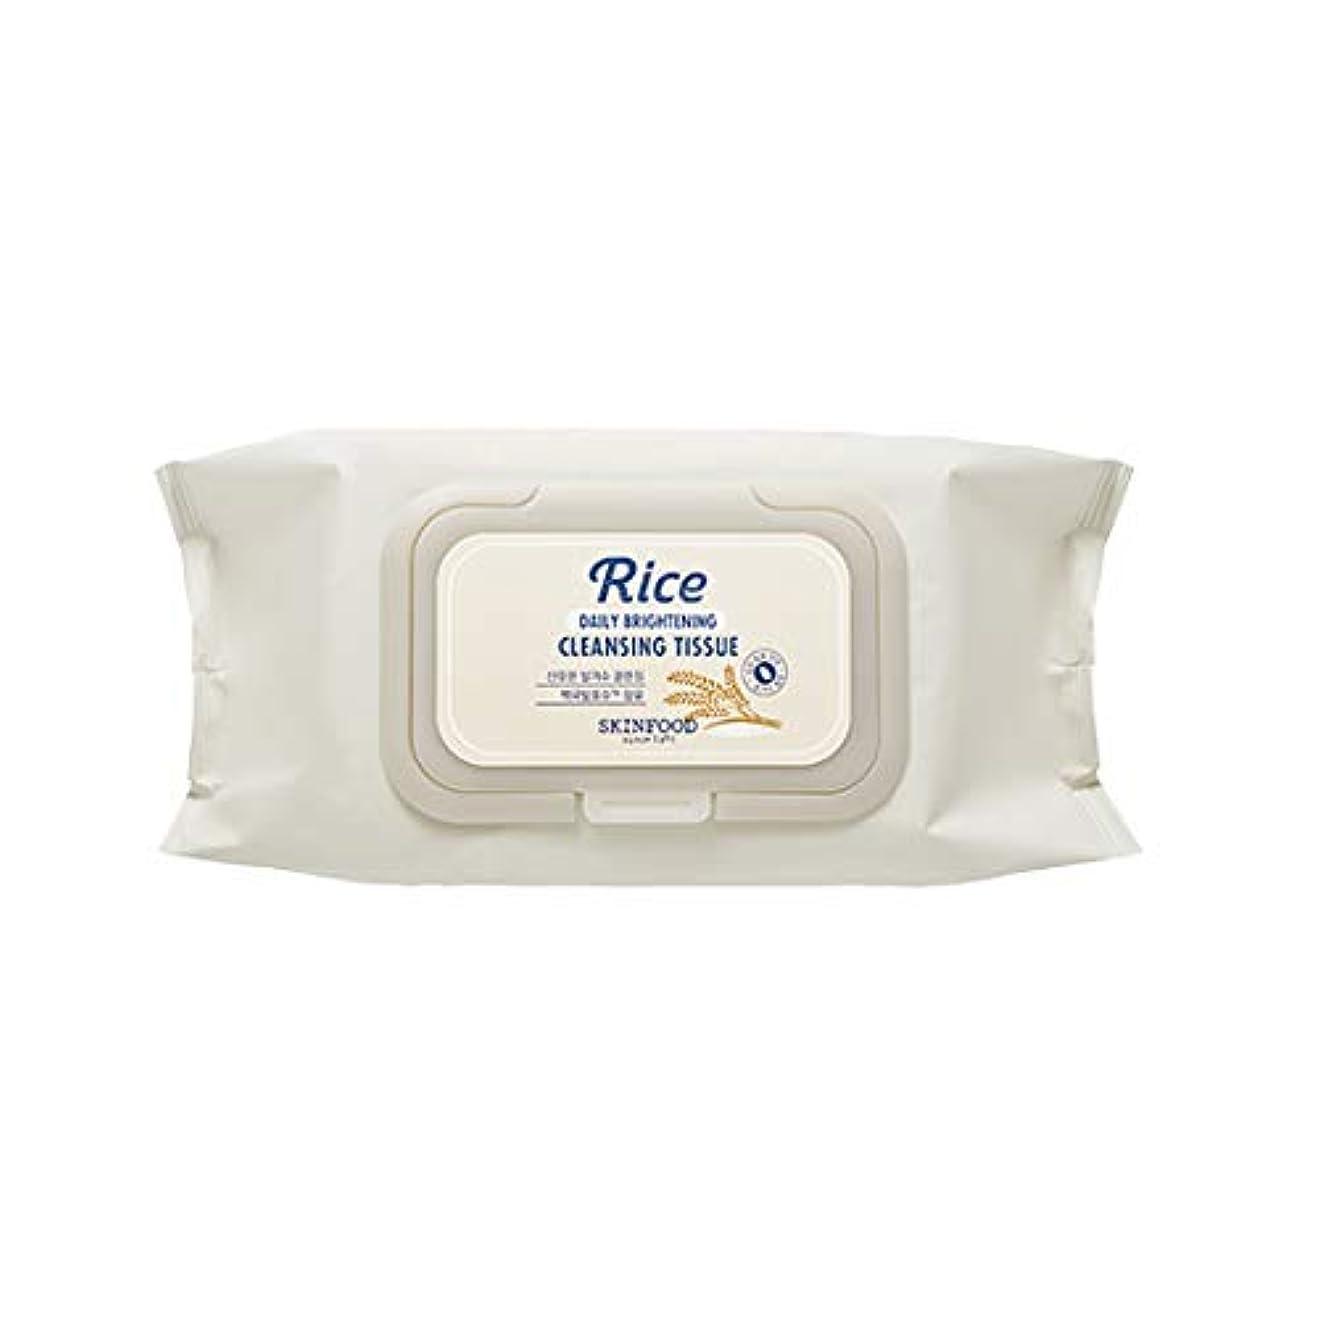 大砲物語心理的Skinfood/Rice Daily Brightening Cleansing Tissue/ライスデイリーブライトニングクレンジングティッシュ/380ml [並行輸入品]